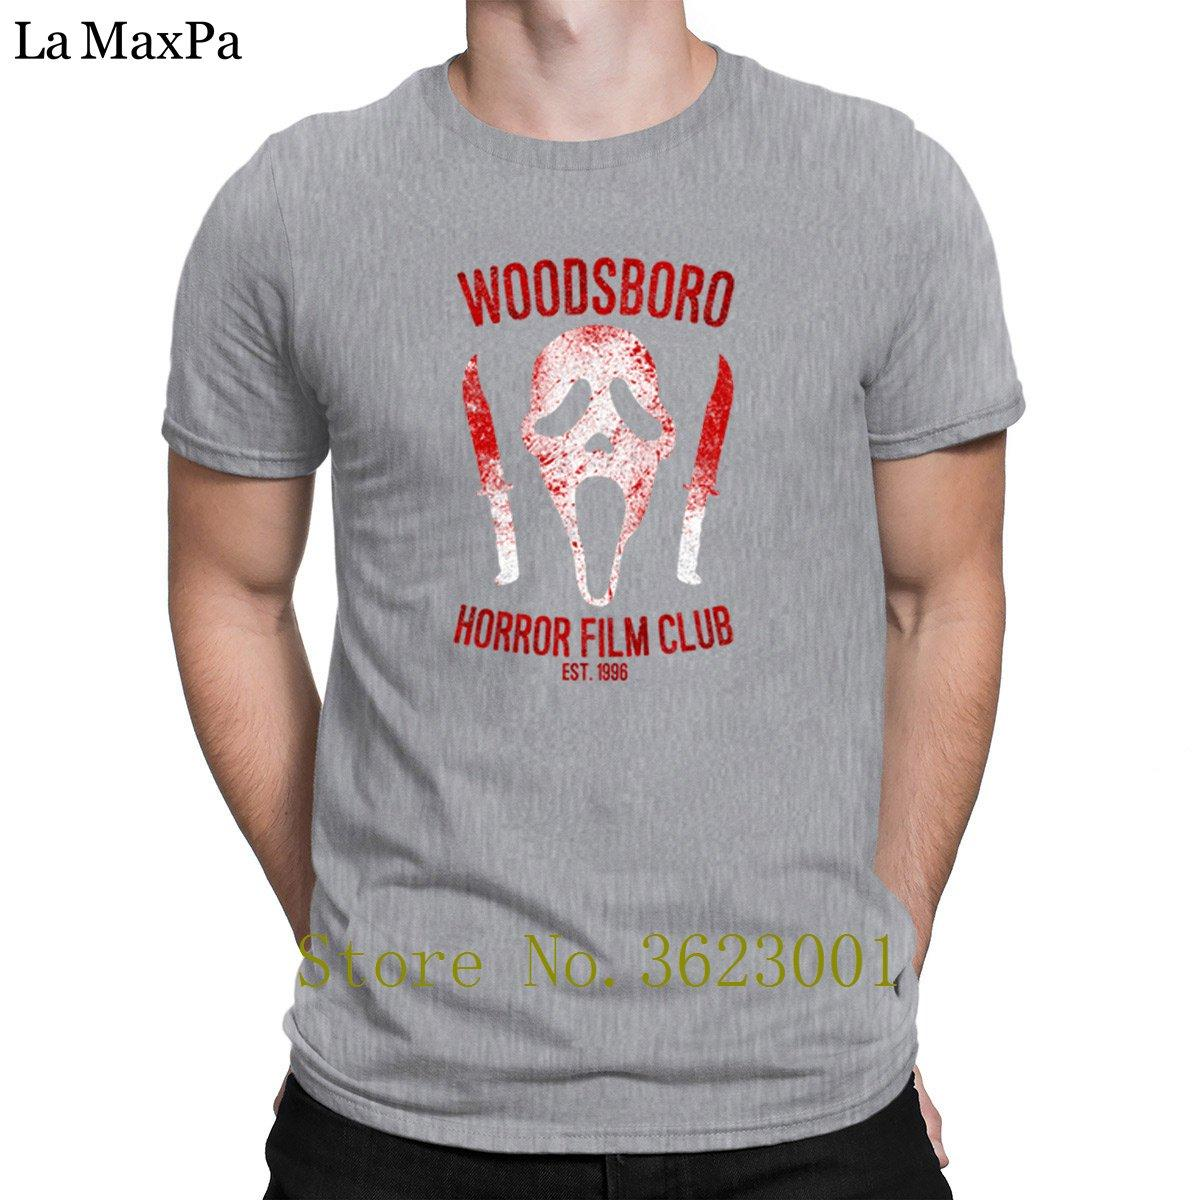 Erkekler Fit 2018 için Boş Tişört Woodsboro Korku Filmi Kulübü İçin Erkekler Komik Mürettebat Boyun Tişörtlü Komik T Gömlek Tasarımları